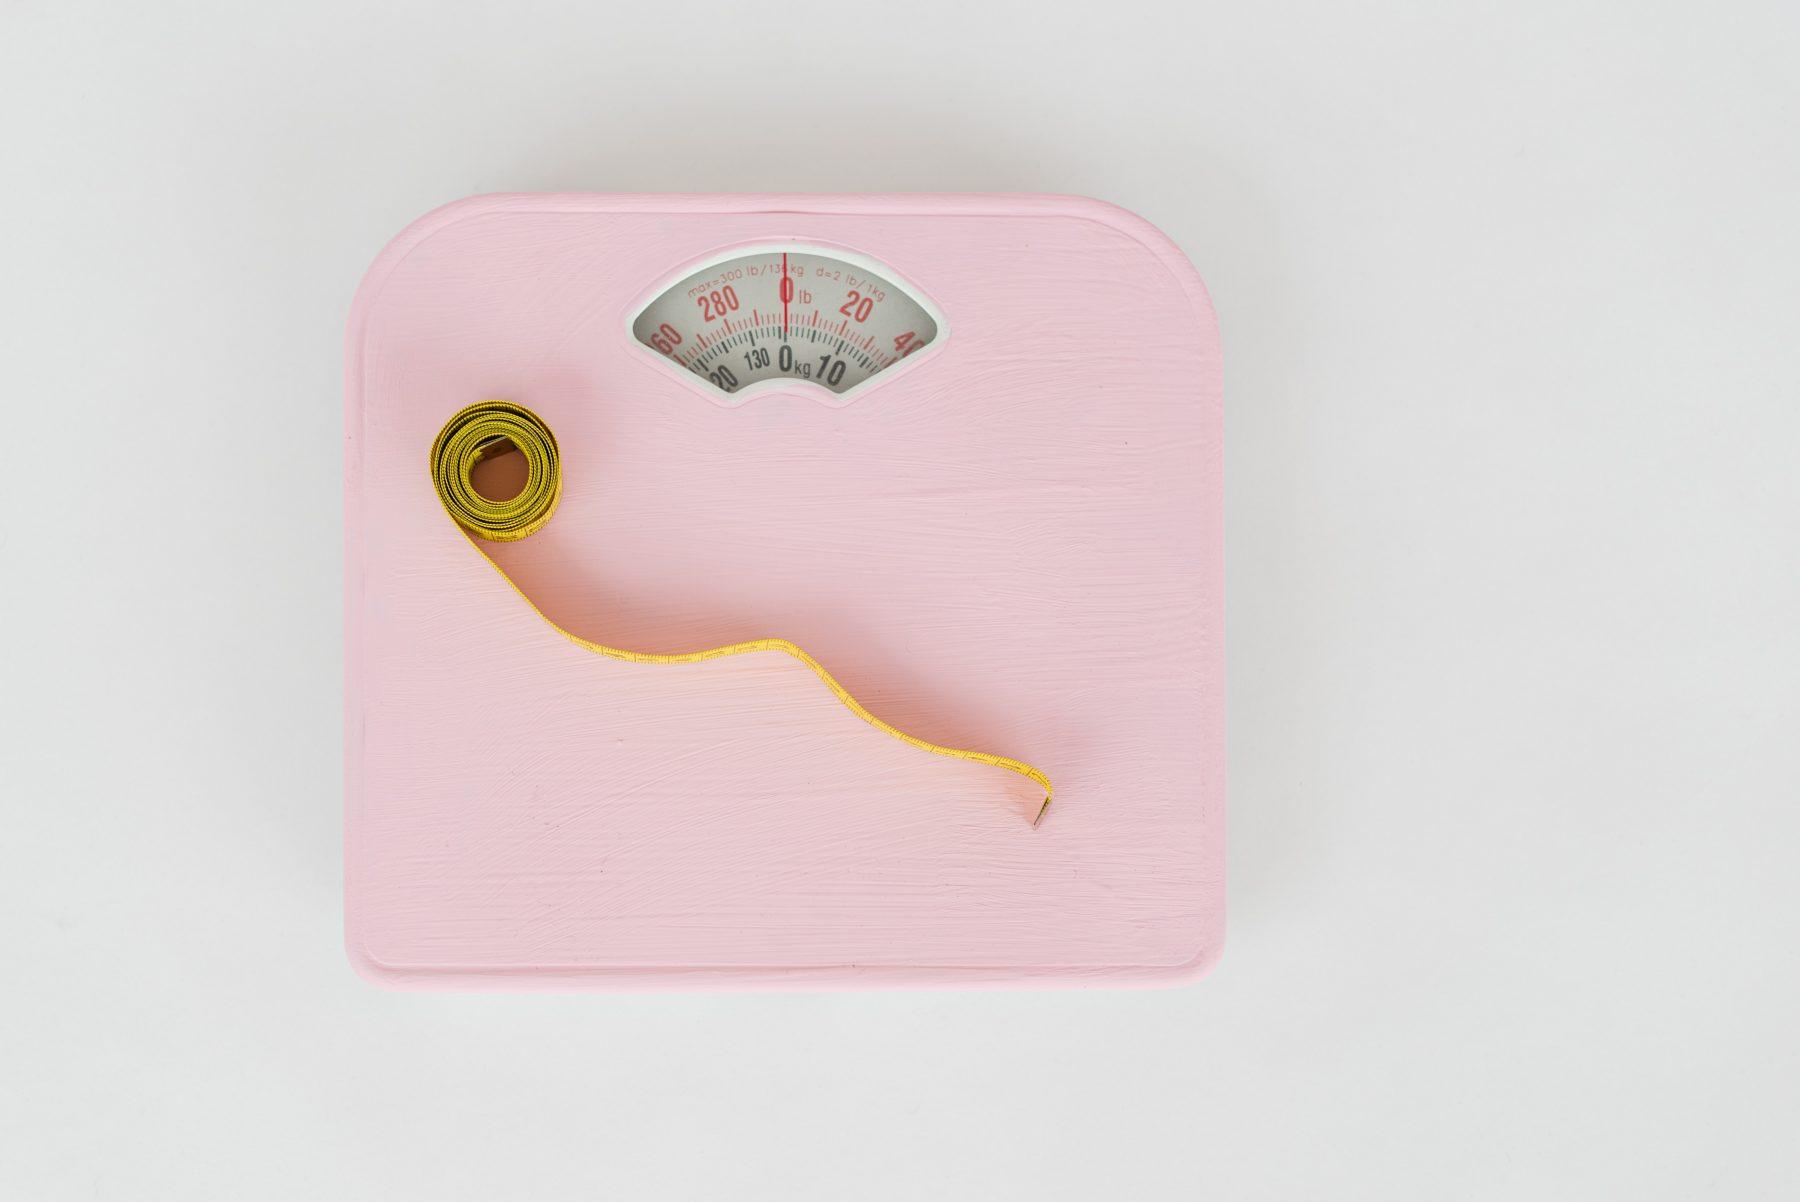 Maßband auf einer rosa Skala.